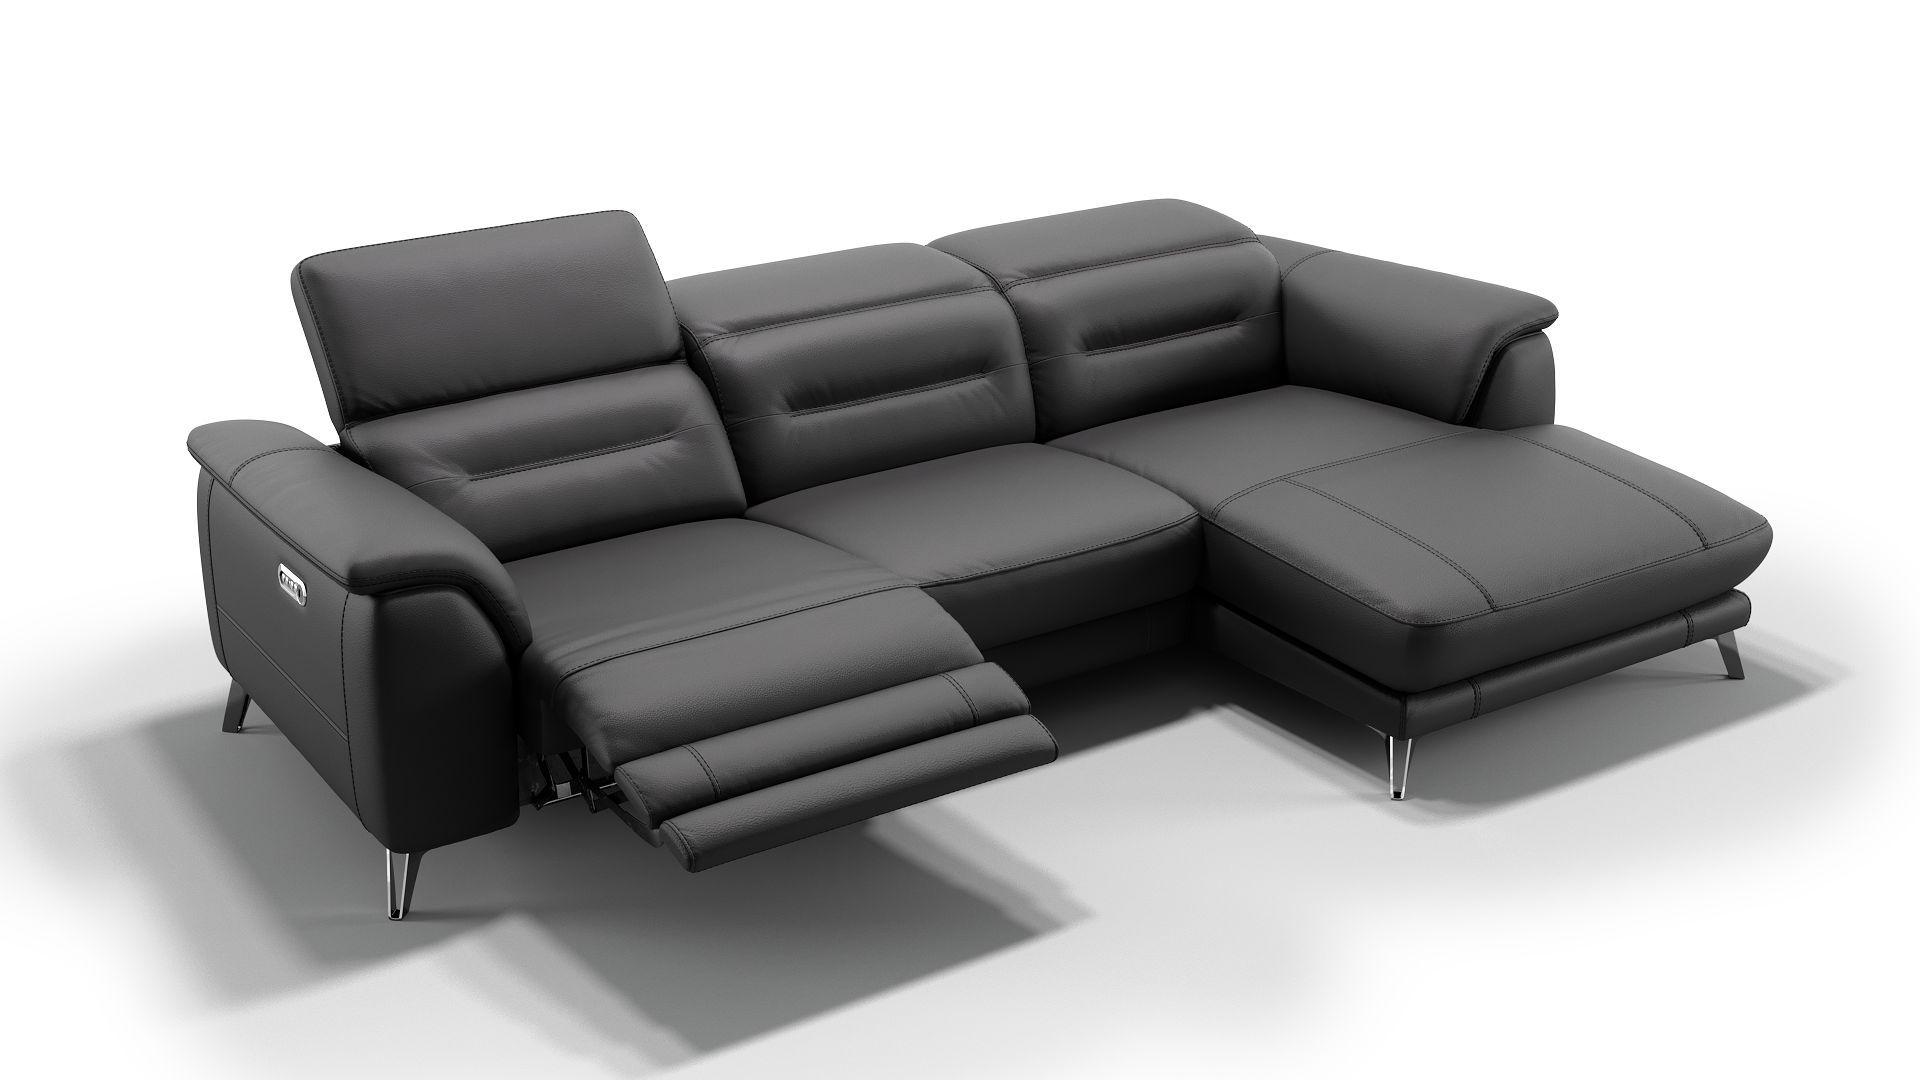 Die Polstergarnitur Gandino Ist Elektrisch Ausfahrbar Die Motorische Sitztiefenverstellung Durch Die Relaxfunktion Ist Gema Zimmereinrichtung Sofa Design Sofa